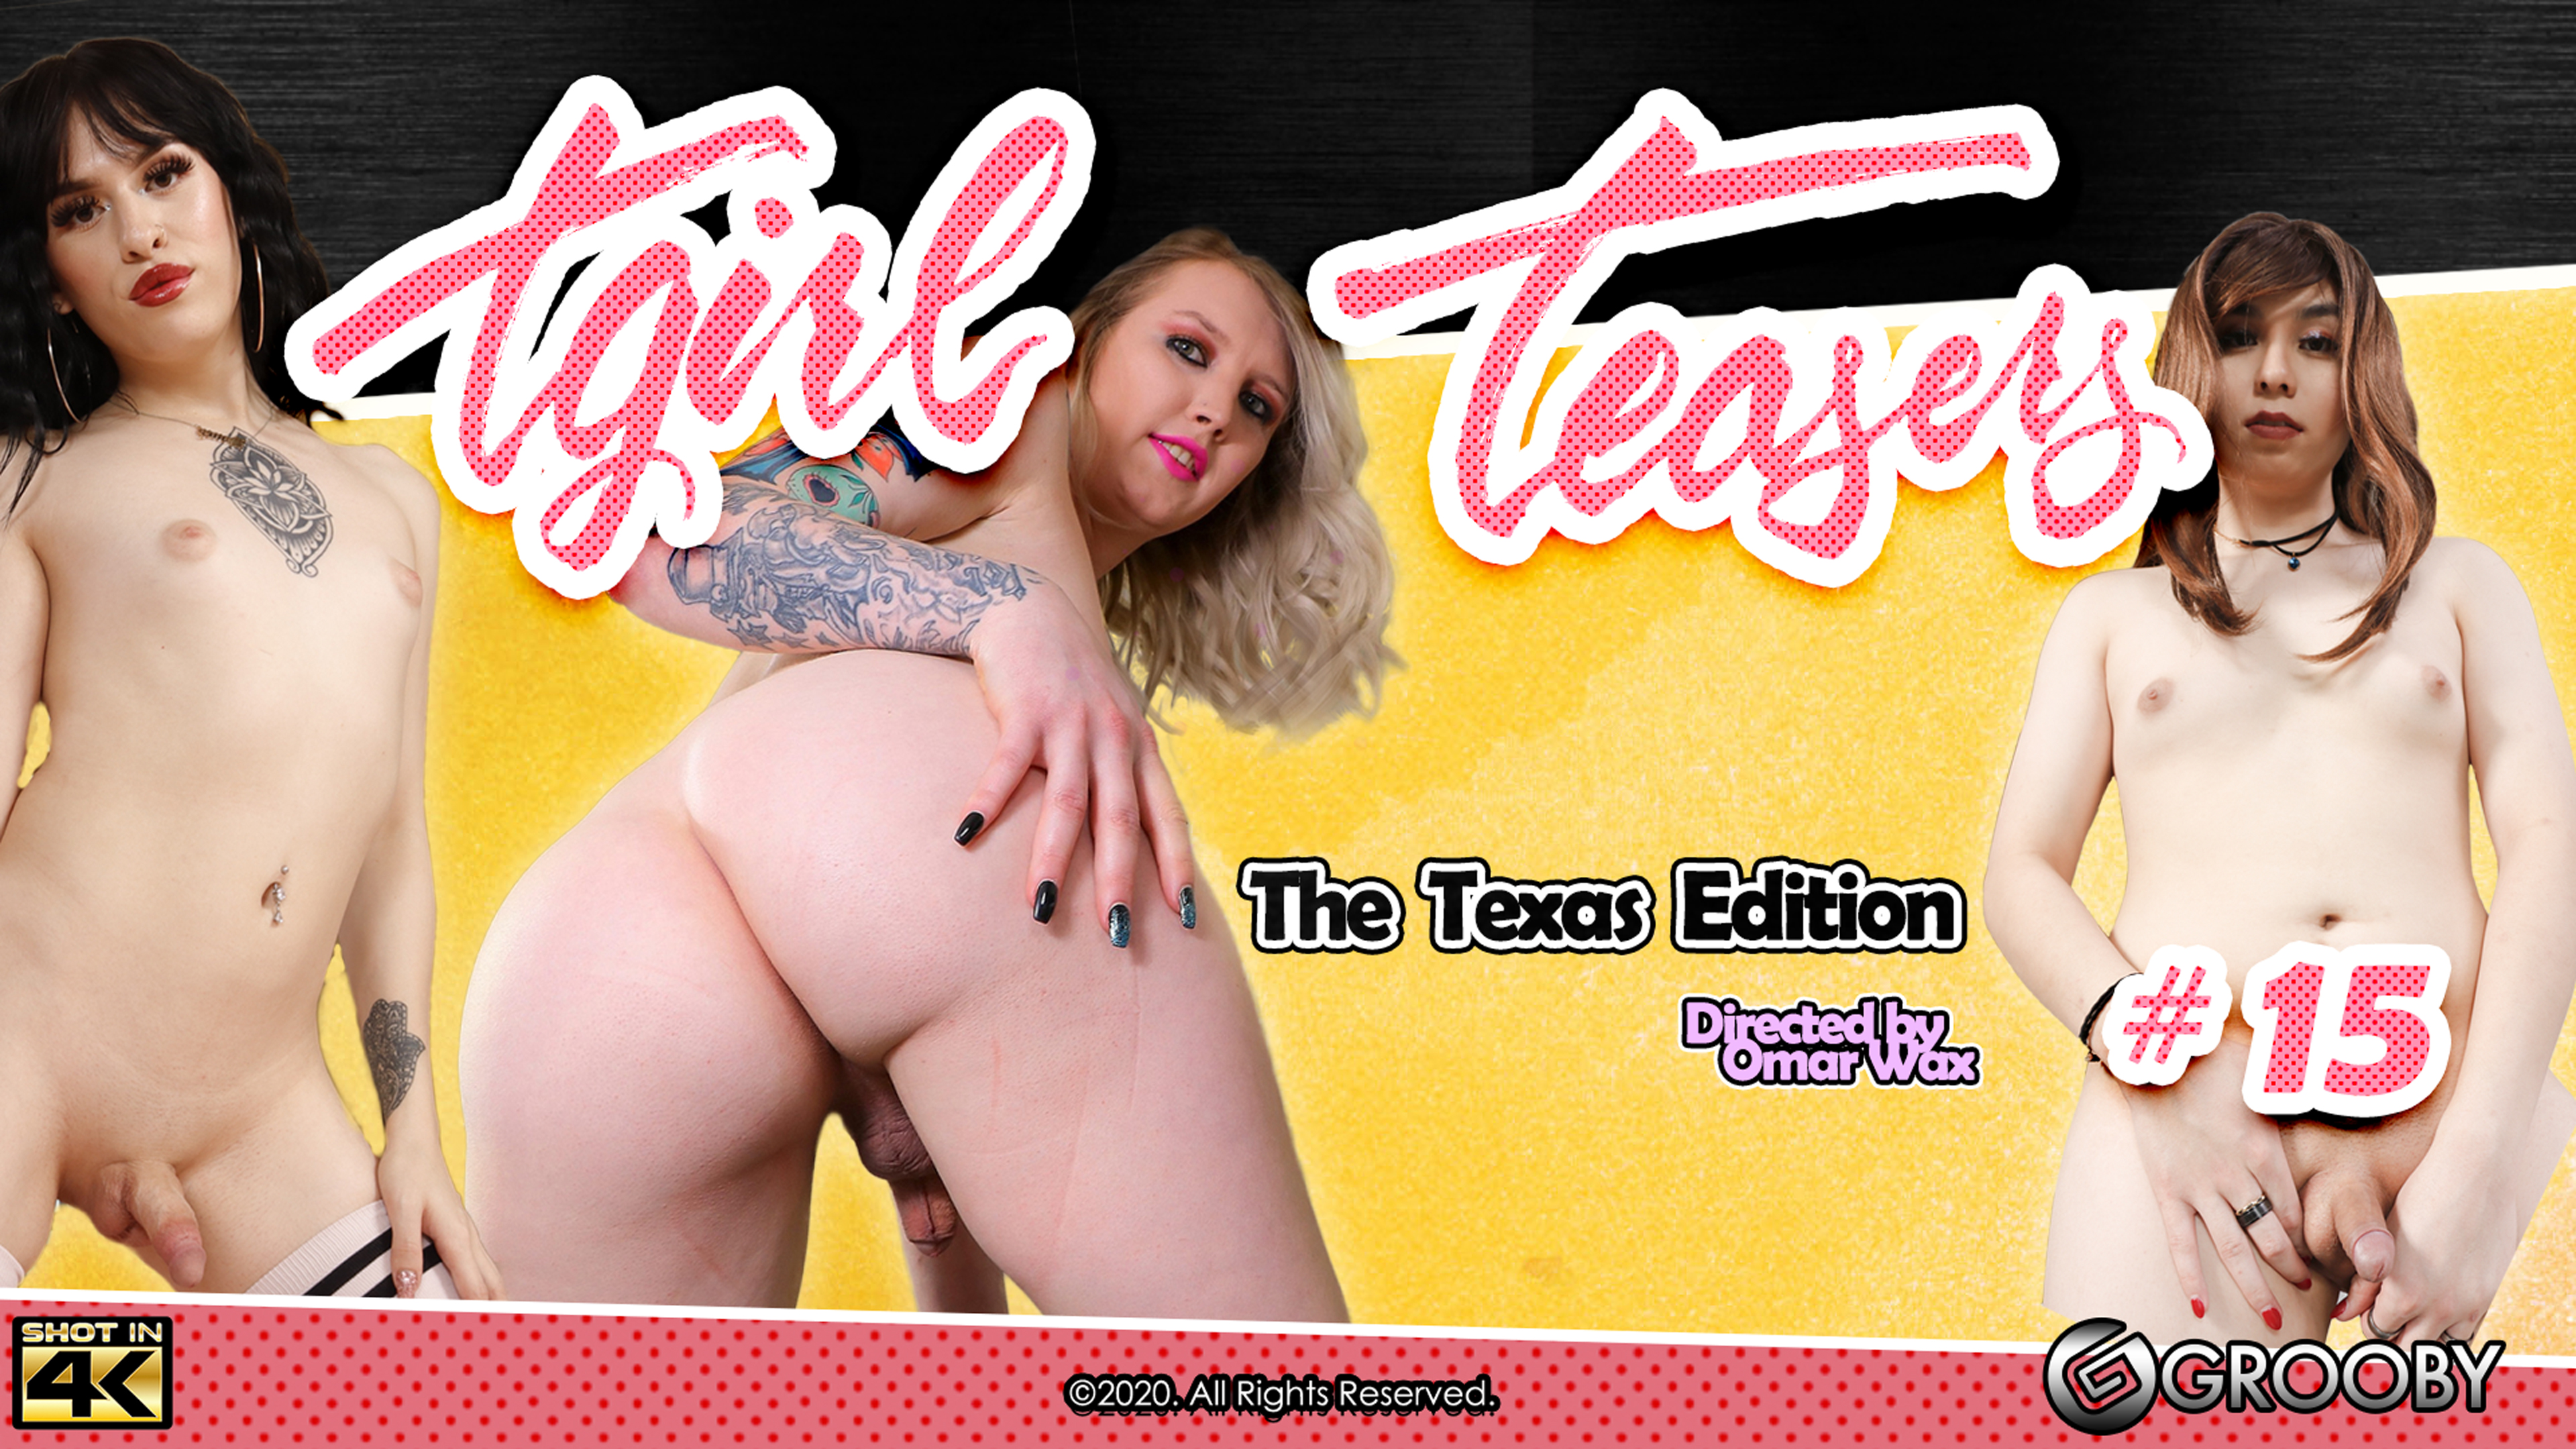 Tgirl Teasers #15 DVD Trailer